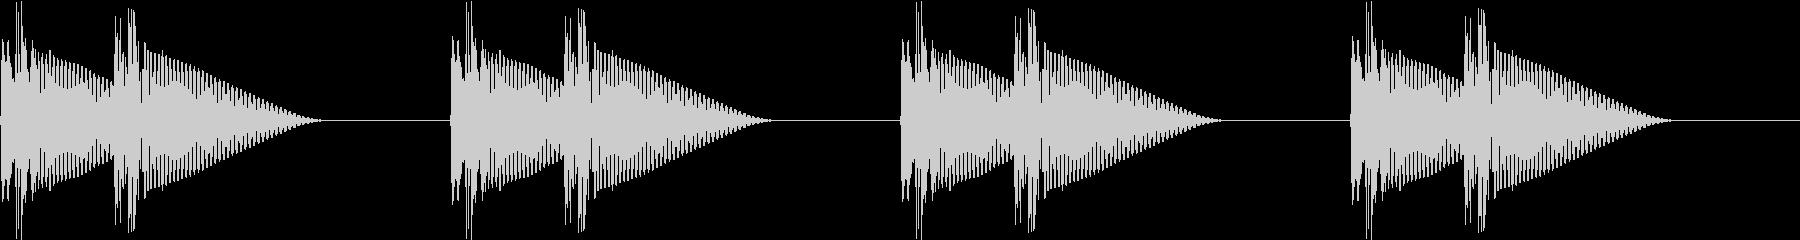 HeartBeat 心臓の音 3 ループの未再生の波形